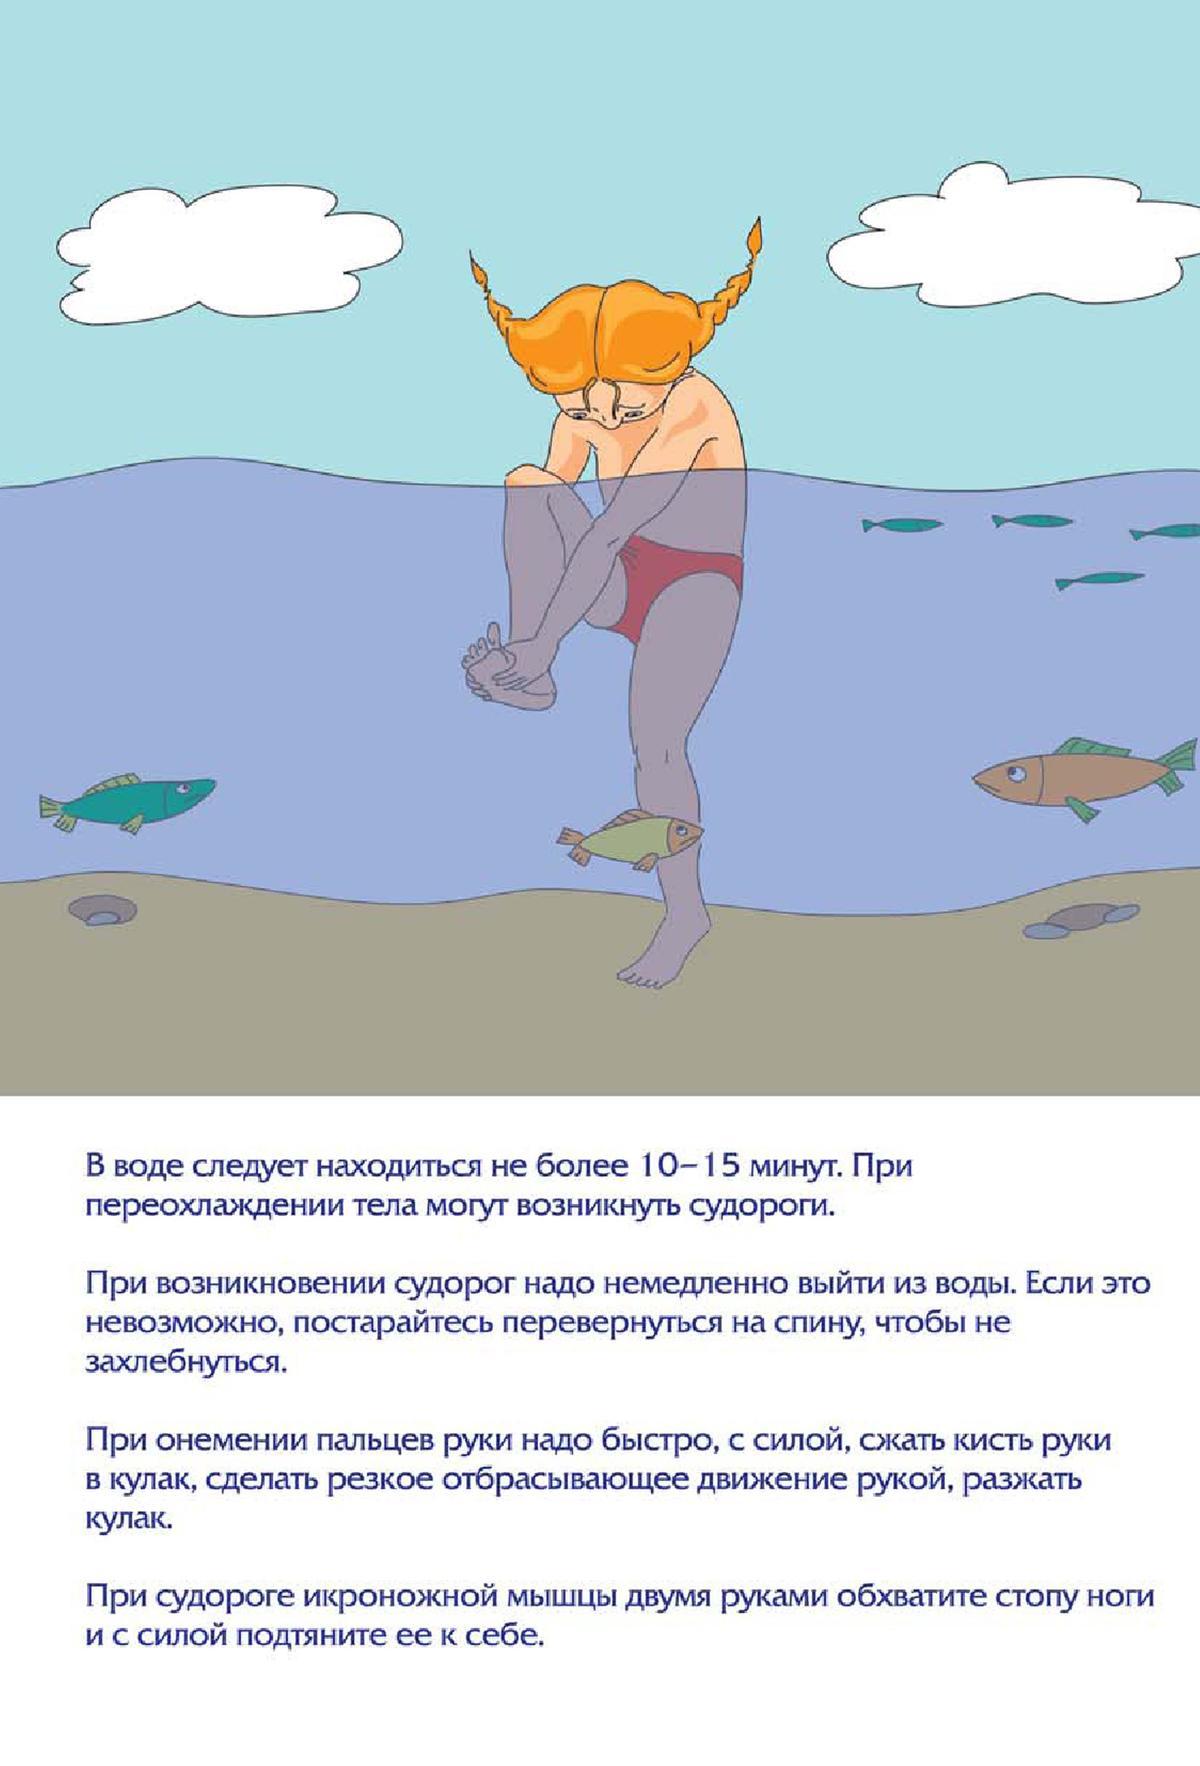 Внимание! Напоминаем правила нахождения у водоёмов